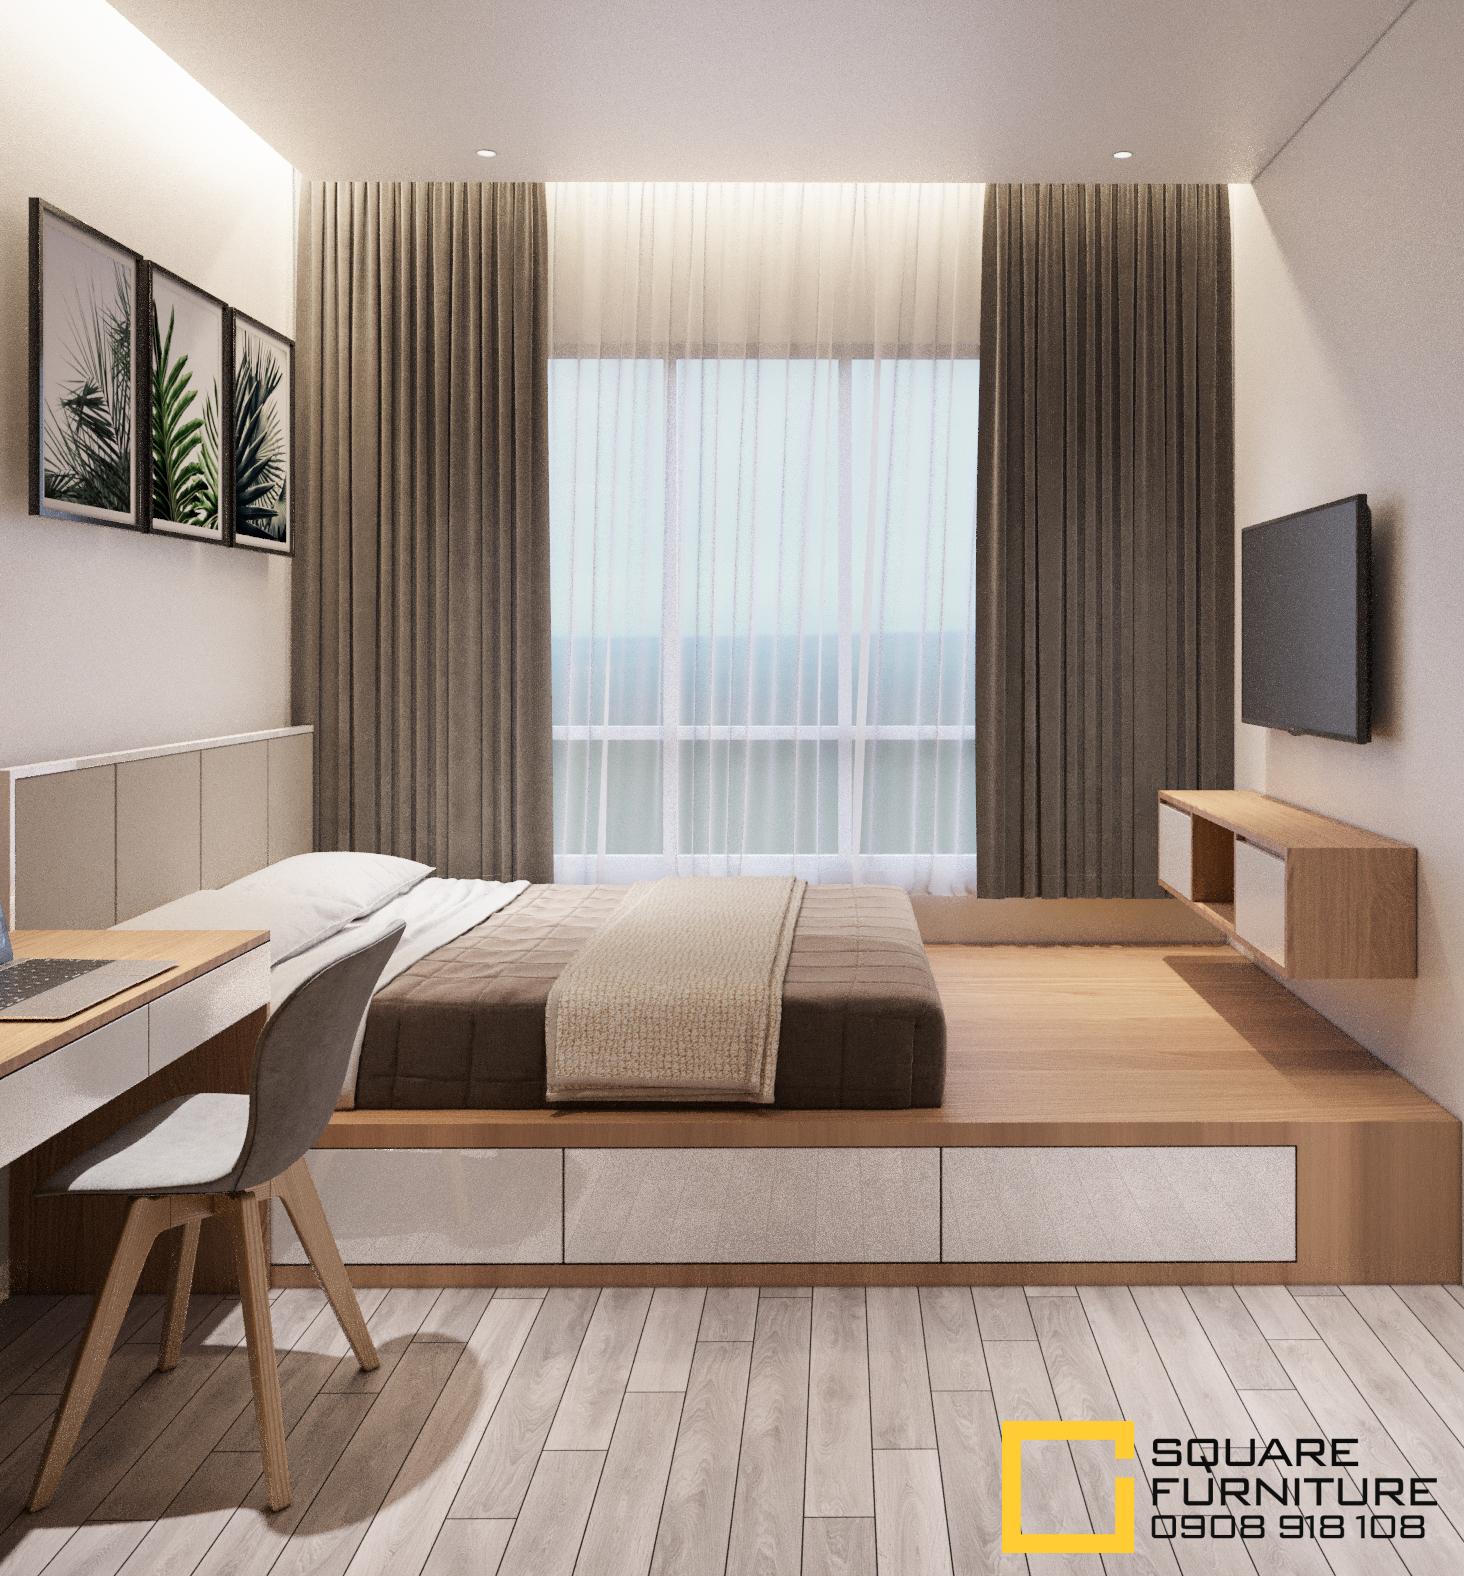 thiết kế nội thất chung cư tại Hồ Chí Minh Căn hộ Haiwaii Đảo Kim Cương 12 1559032087